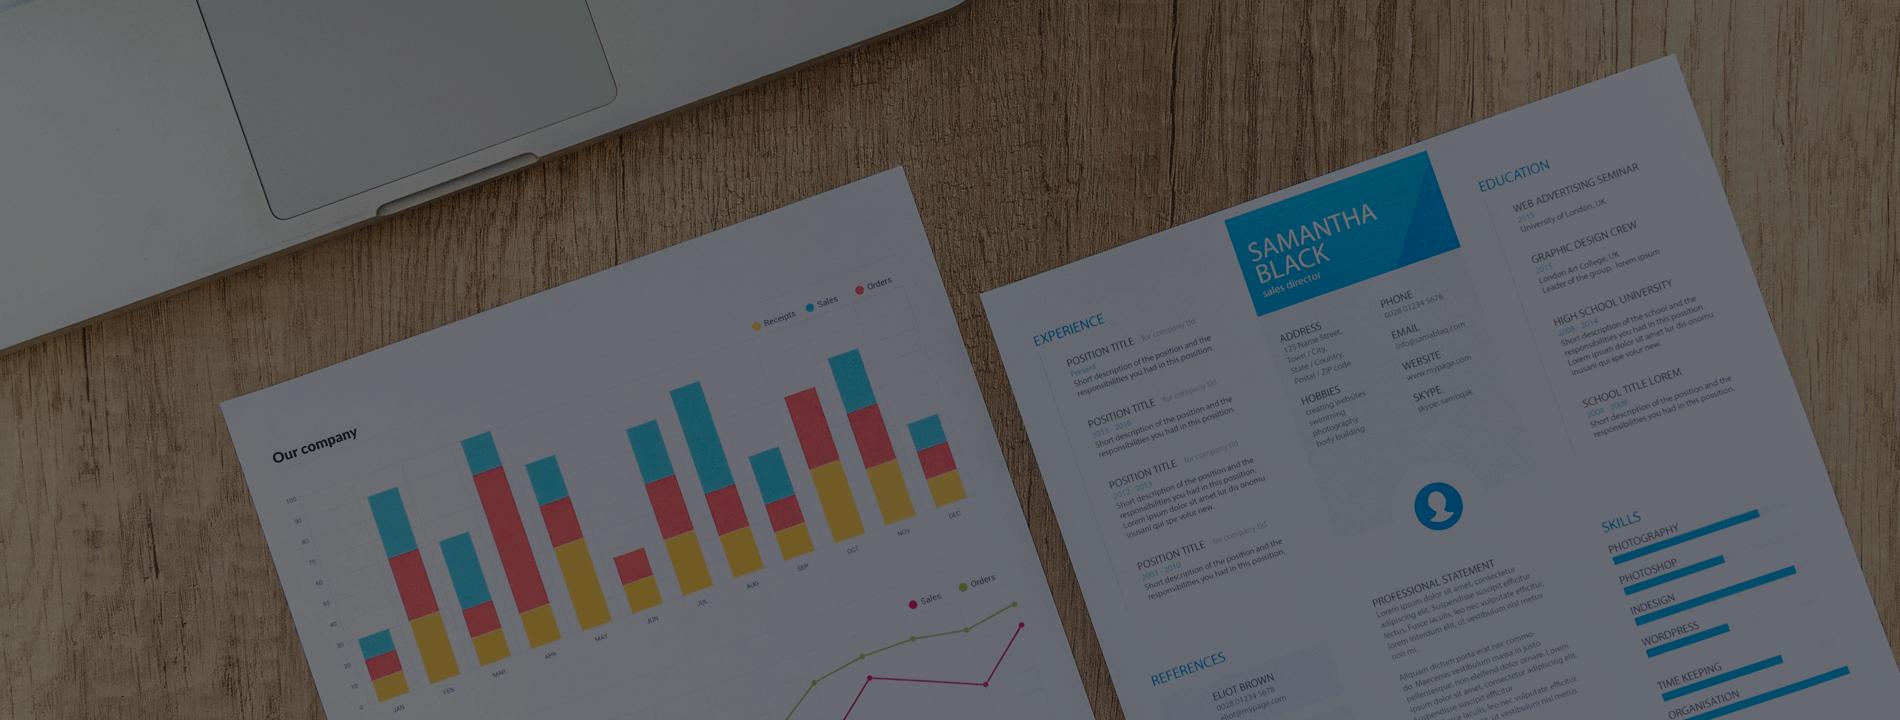 競合分析とSEOでライバルサイトに勝つ5つの方法